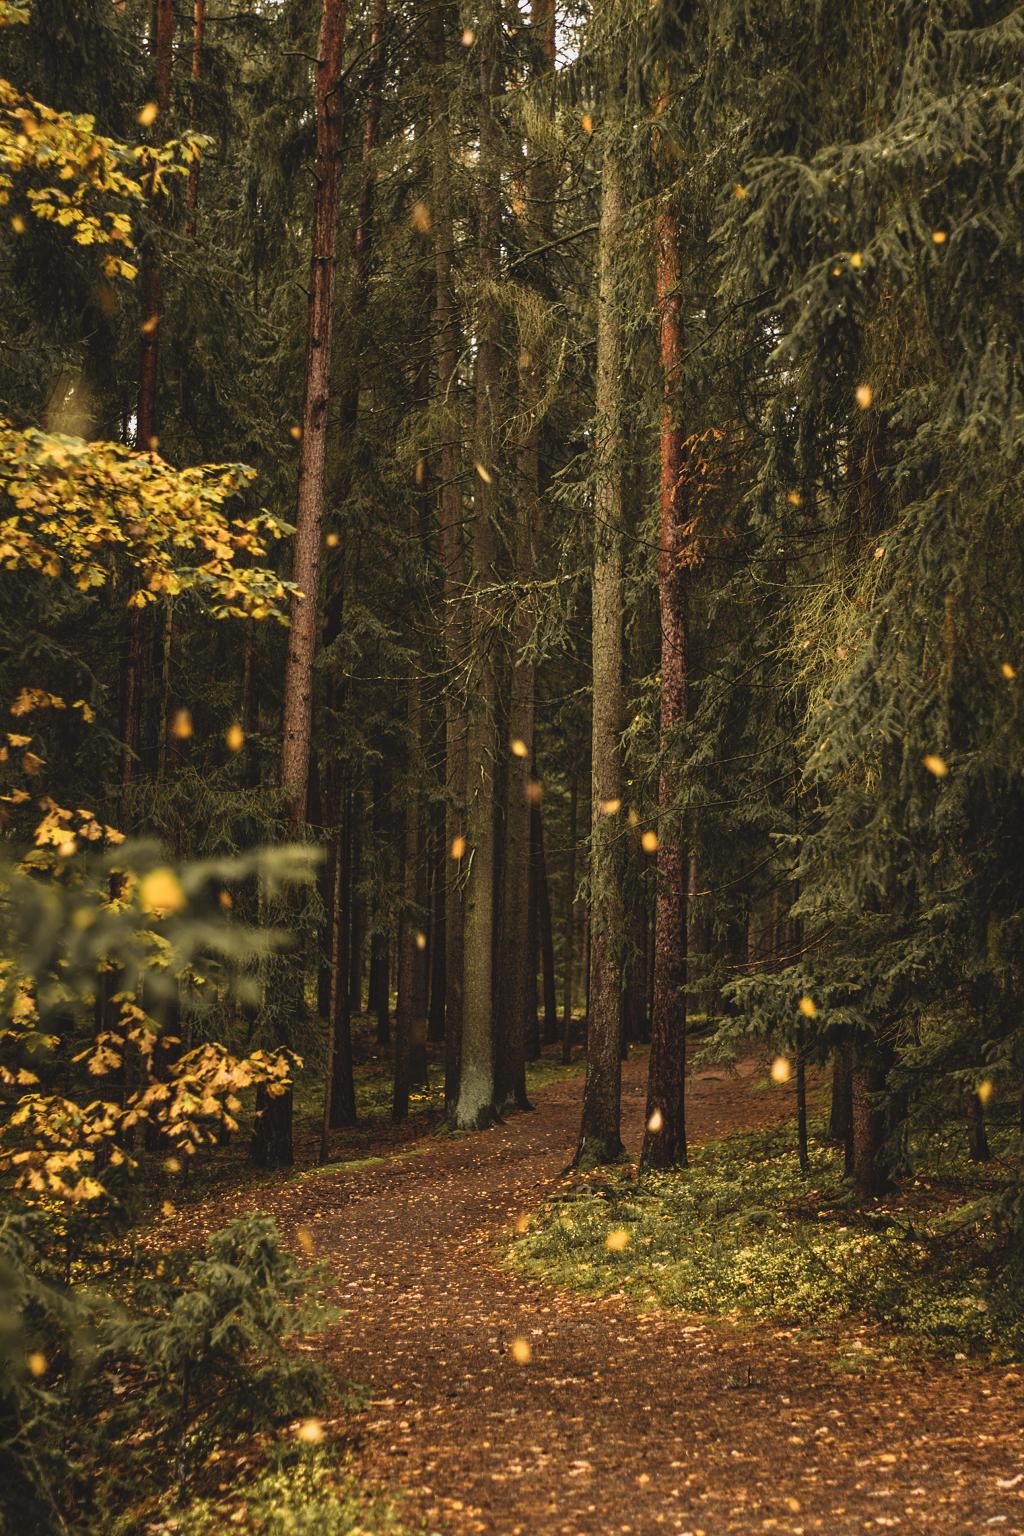 Wald im Herbst mit fallenden Blättern